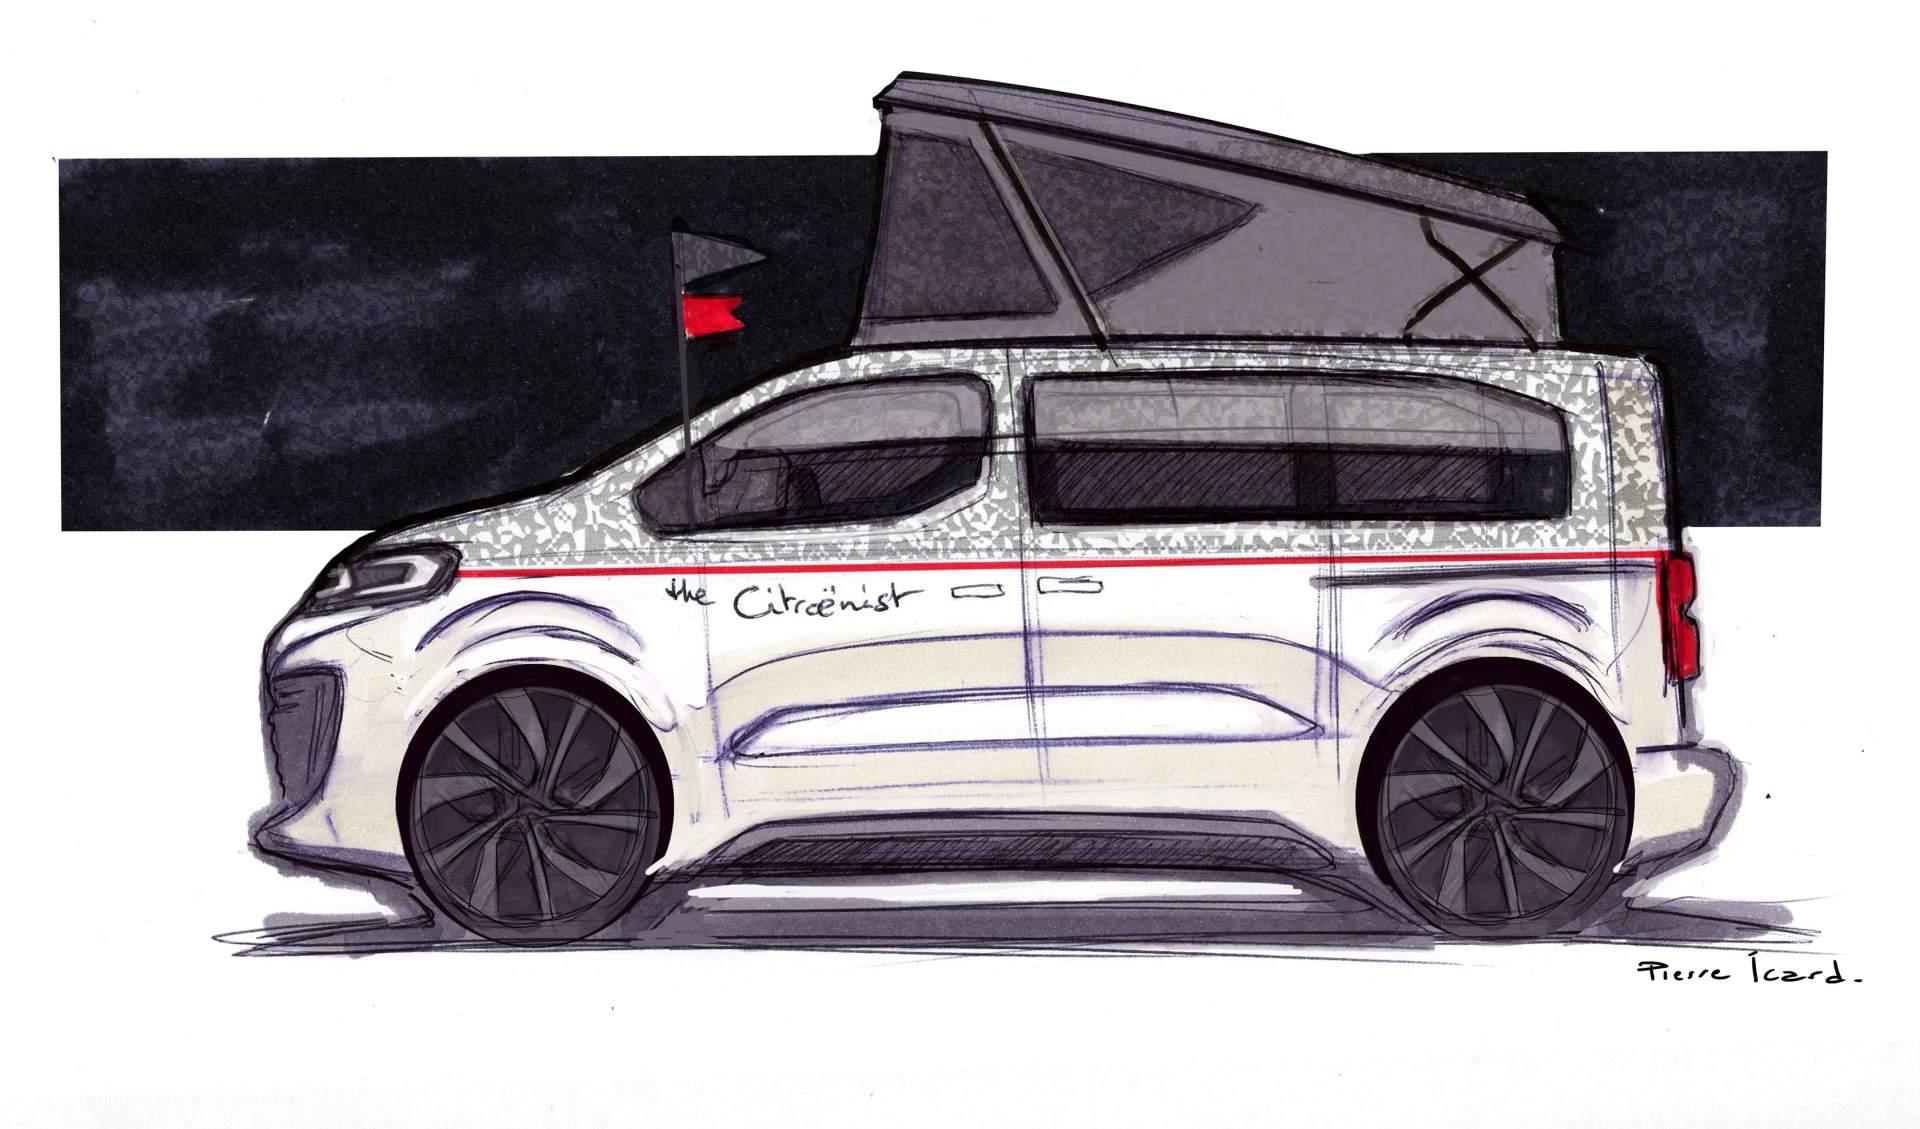 Citroen SpaceTourer The Citroenist Concept (19)